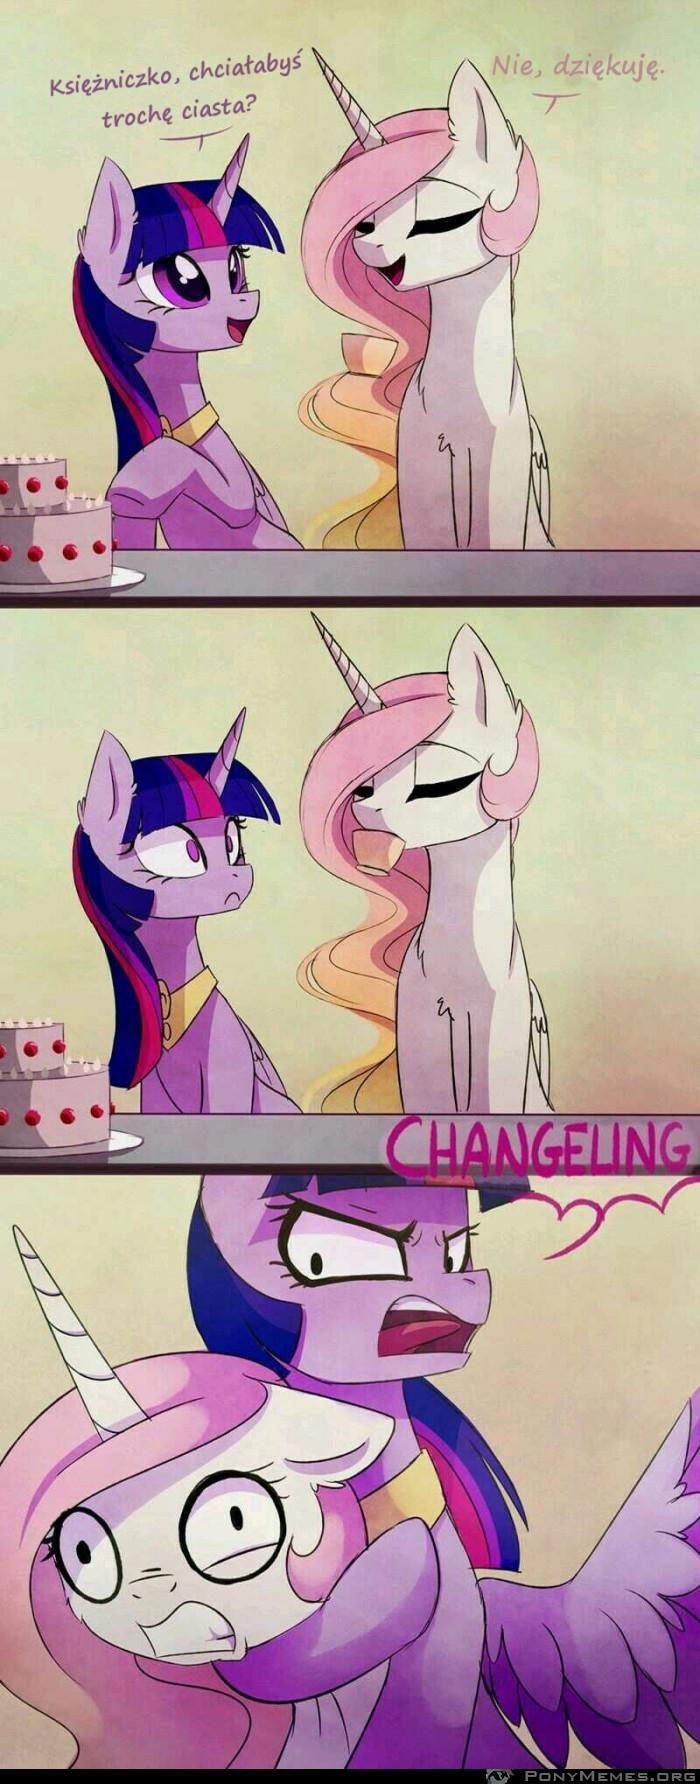 Celestia nigdy nie odmawia ciasta >:c